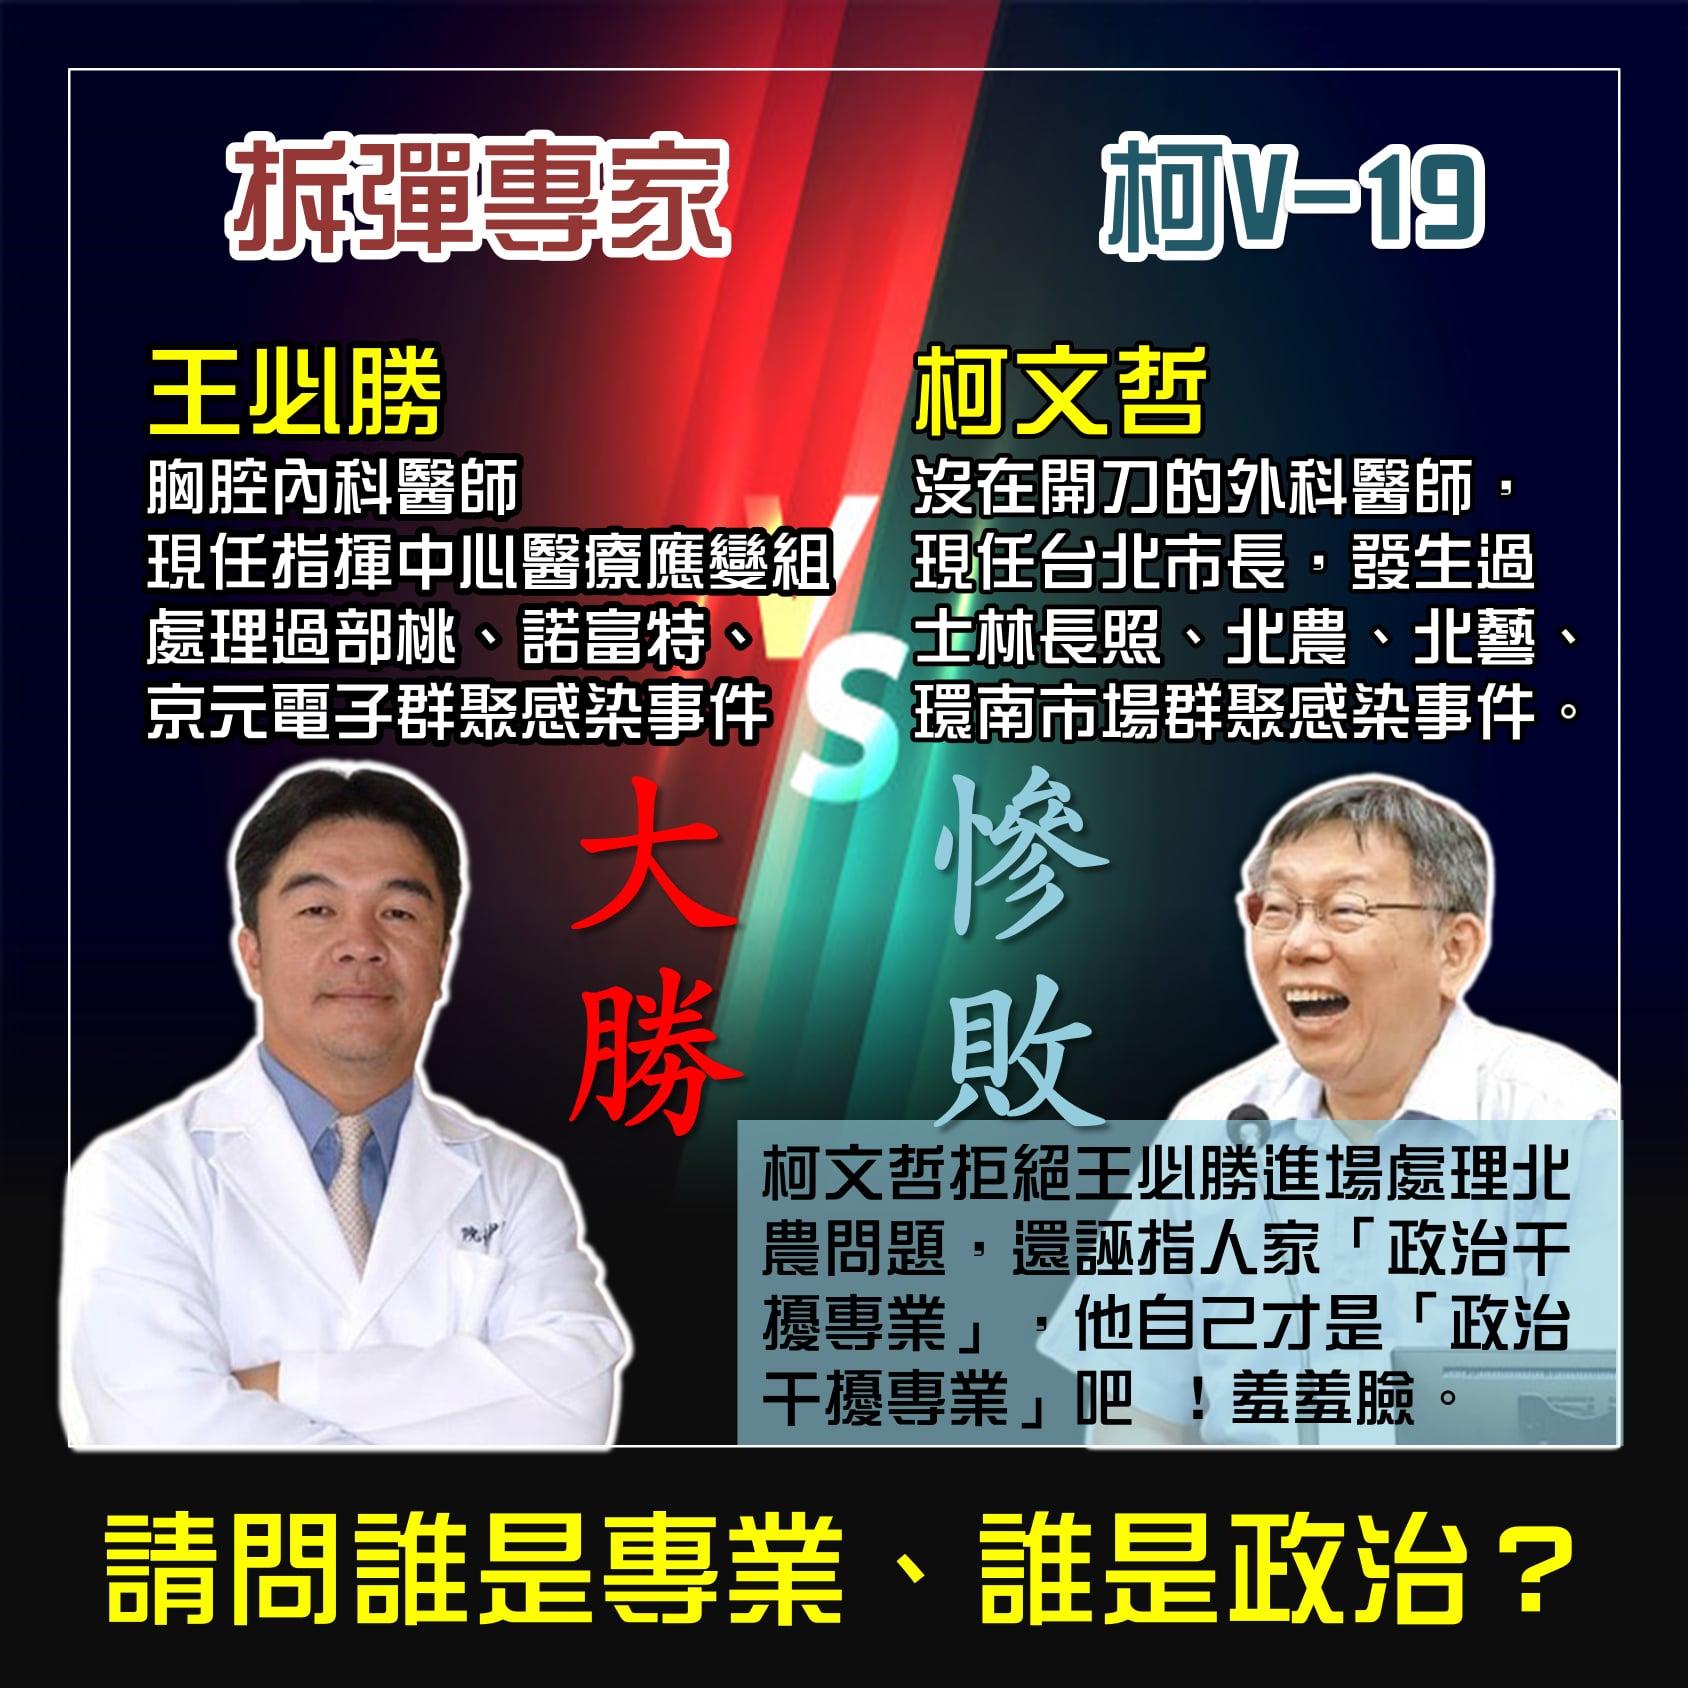 誰是政治、誰是專業?